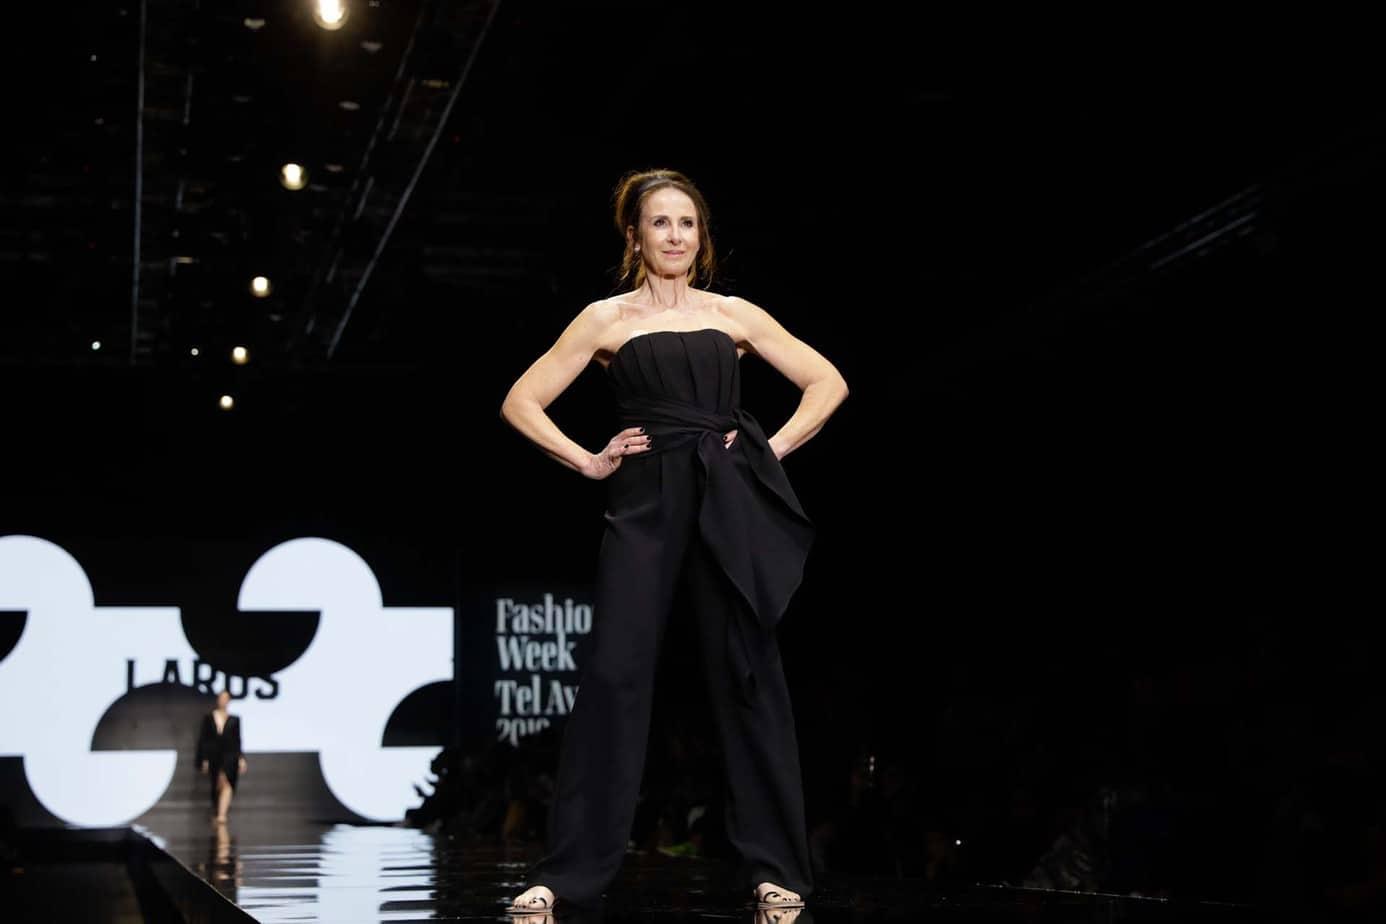 לאה שנירר, קולקציה עידן לרוס, תצוגת אופנה עידן לרוס שבוע האופנה תל אביב 2019, צילום עומר קפלן - 8